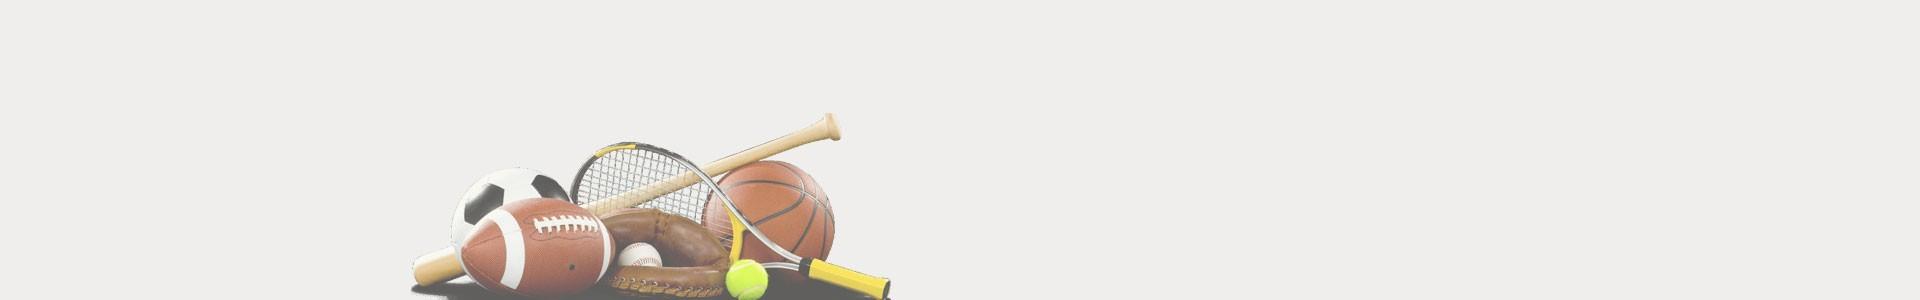 Articoli sportivi online | Acquista su AnyGivenSunday.Shop